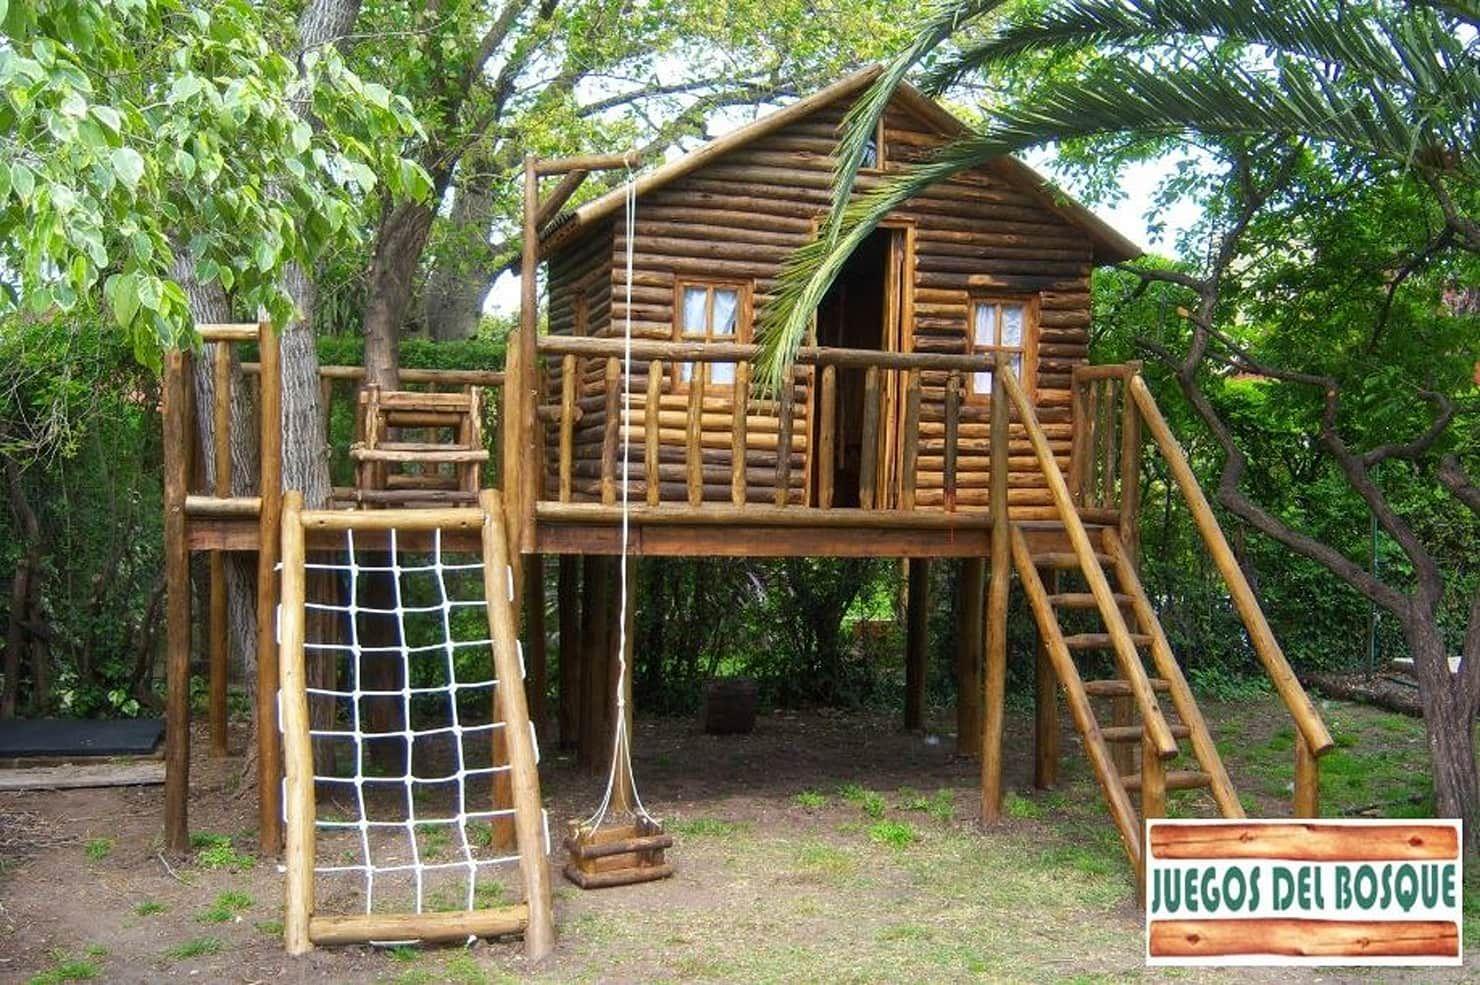 Juegos y casitas para niños: jardines de estilo por juegos ...